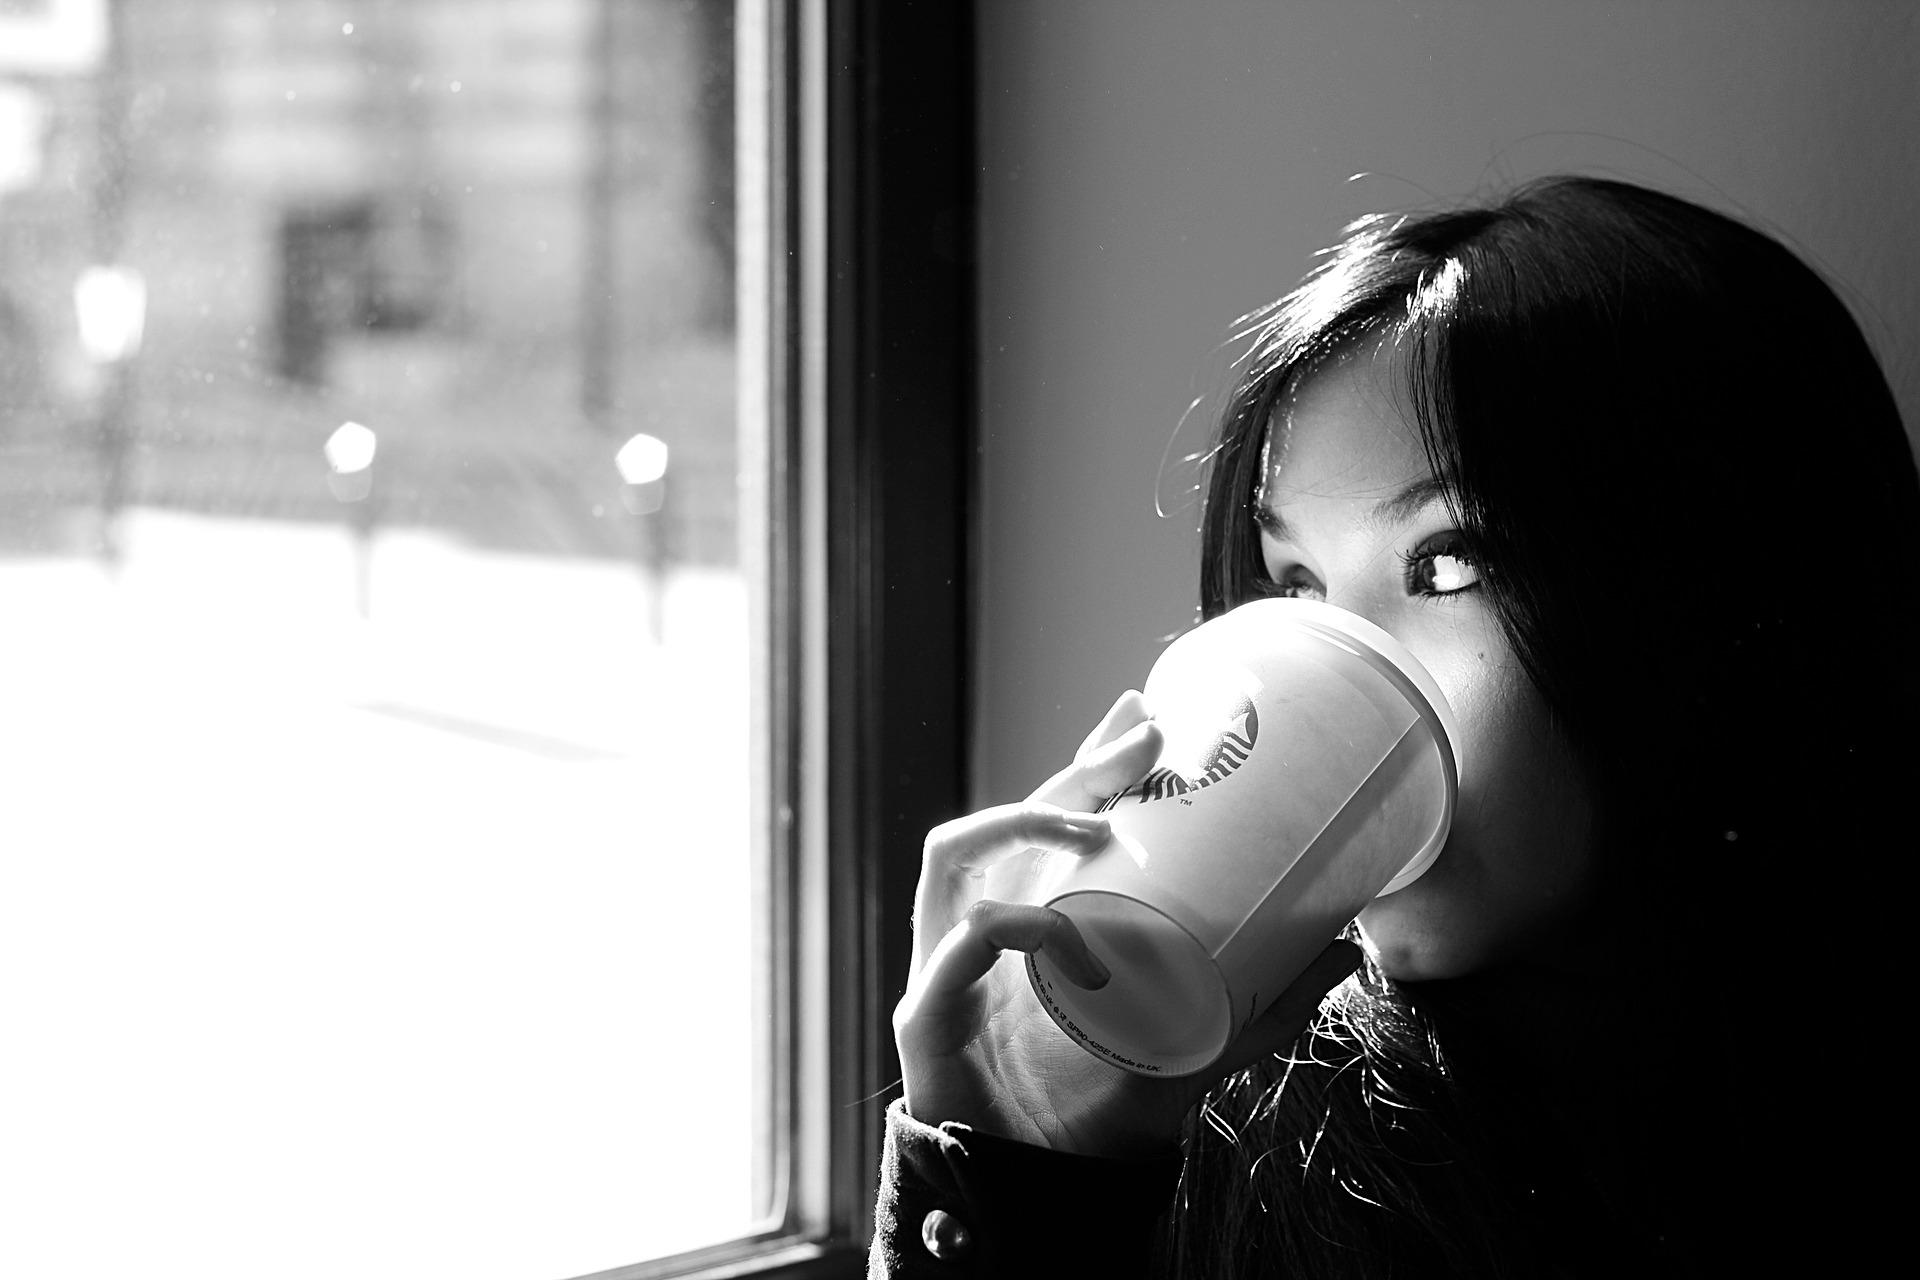 महिला, कॉफी, पेय, देखो, सोच, उदासी, श्वेत और श्याम में - HD वॉलपेपर - प्रोफेसर-falken.com